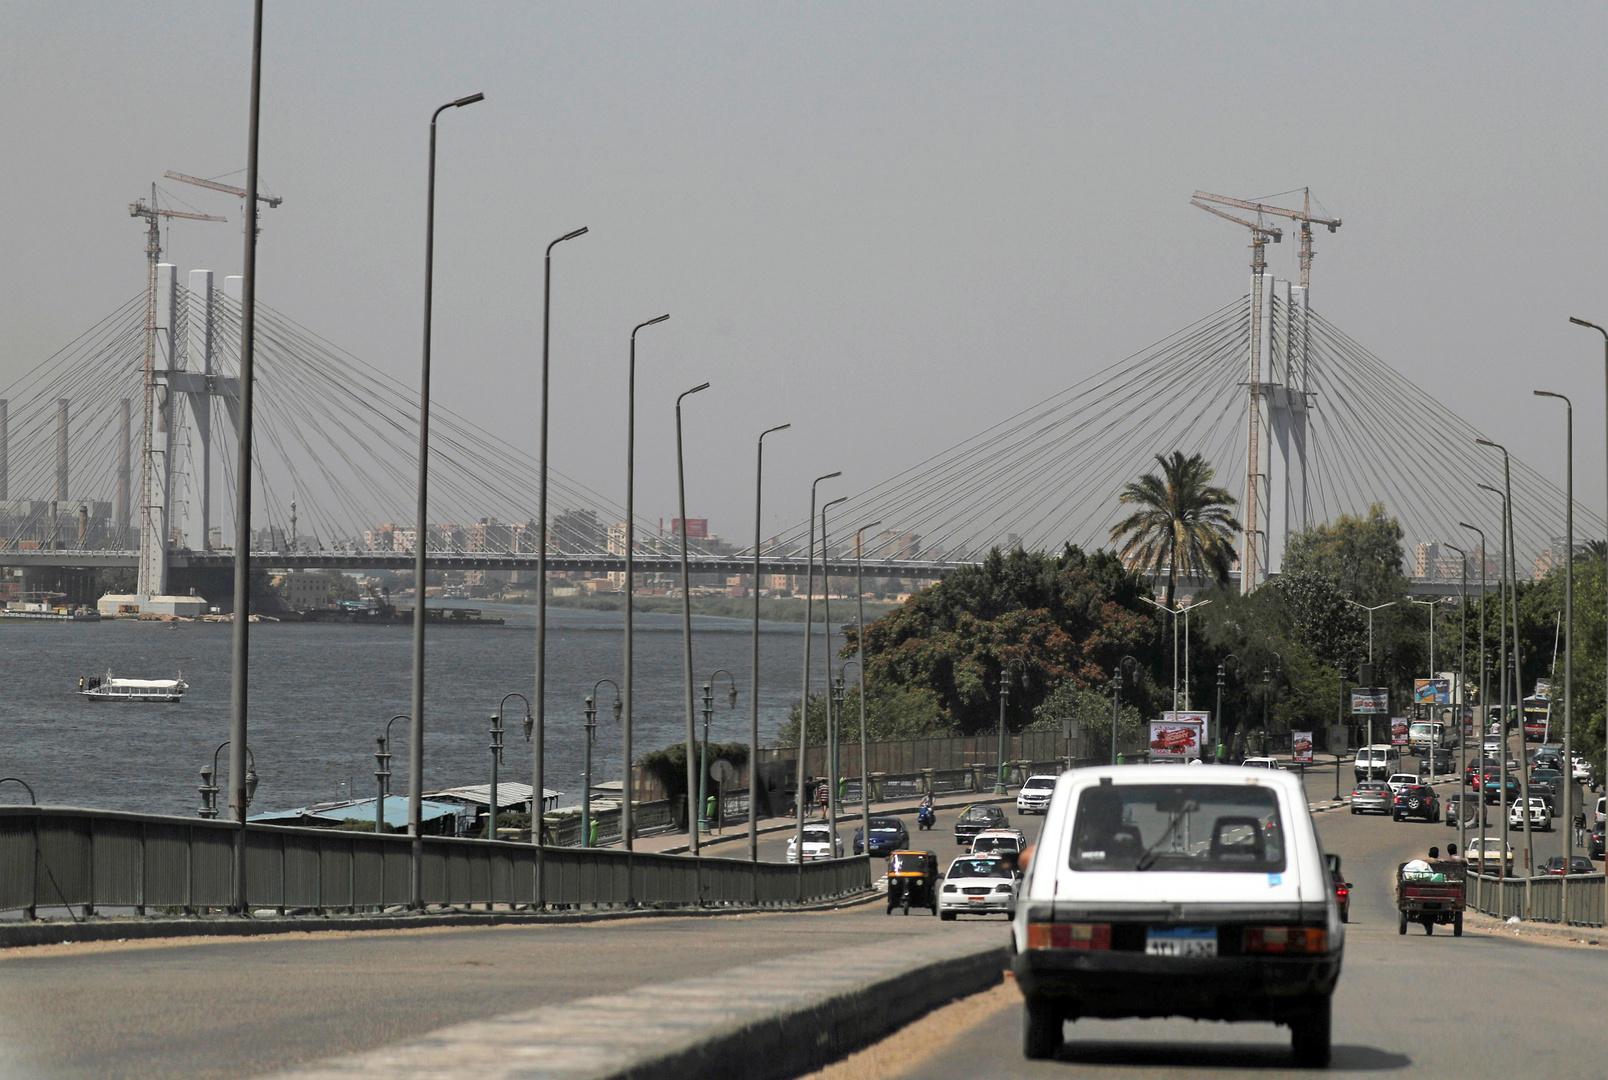 مصر تطلق أول سيارة من نوعها بعد غياب طويل